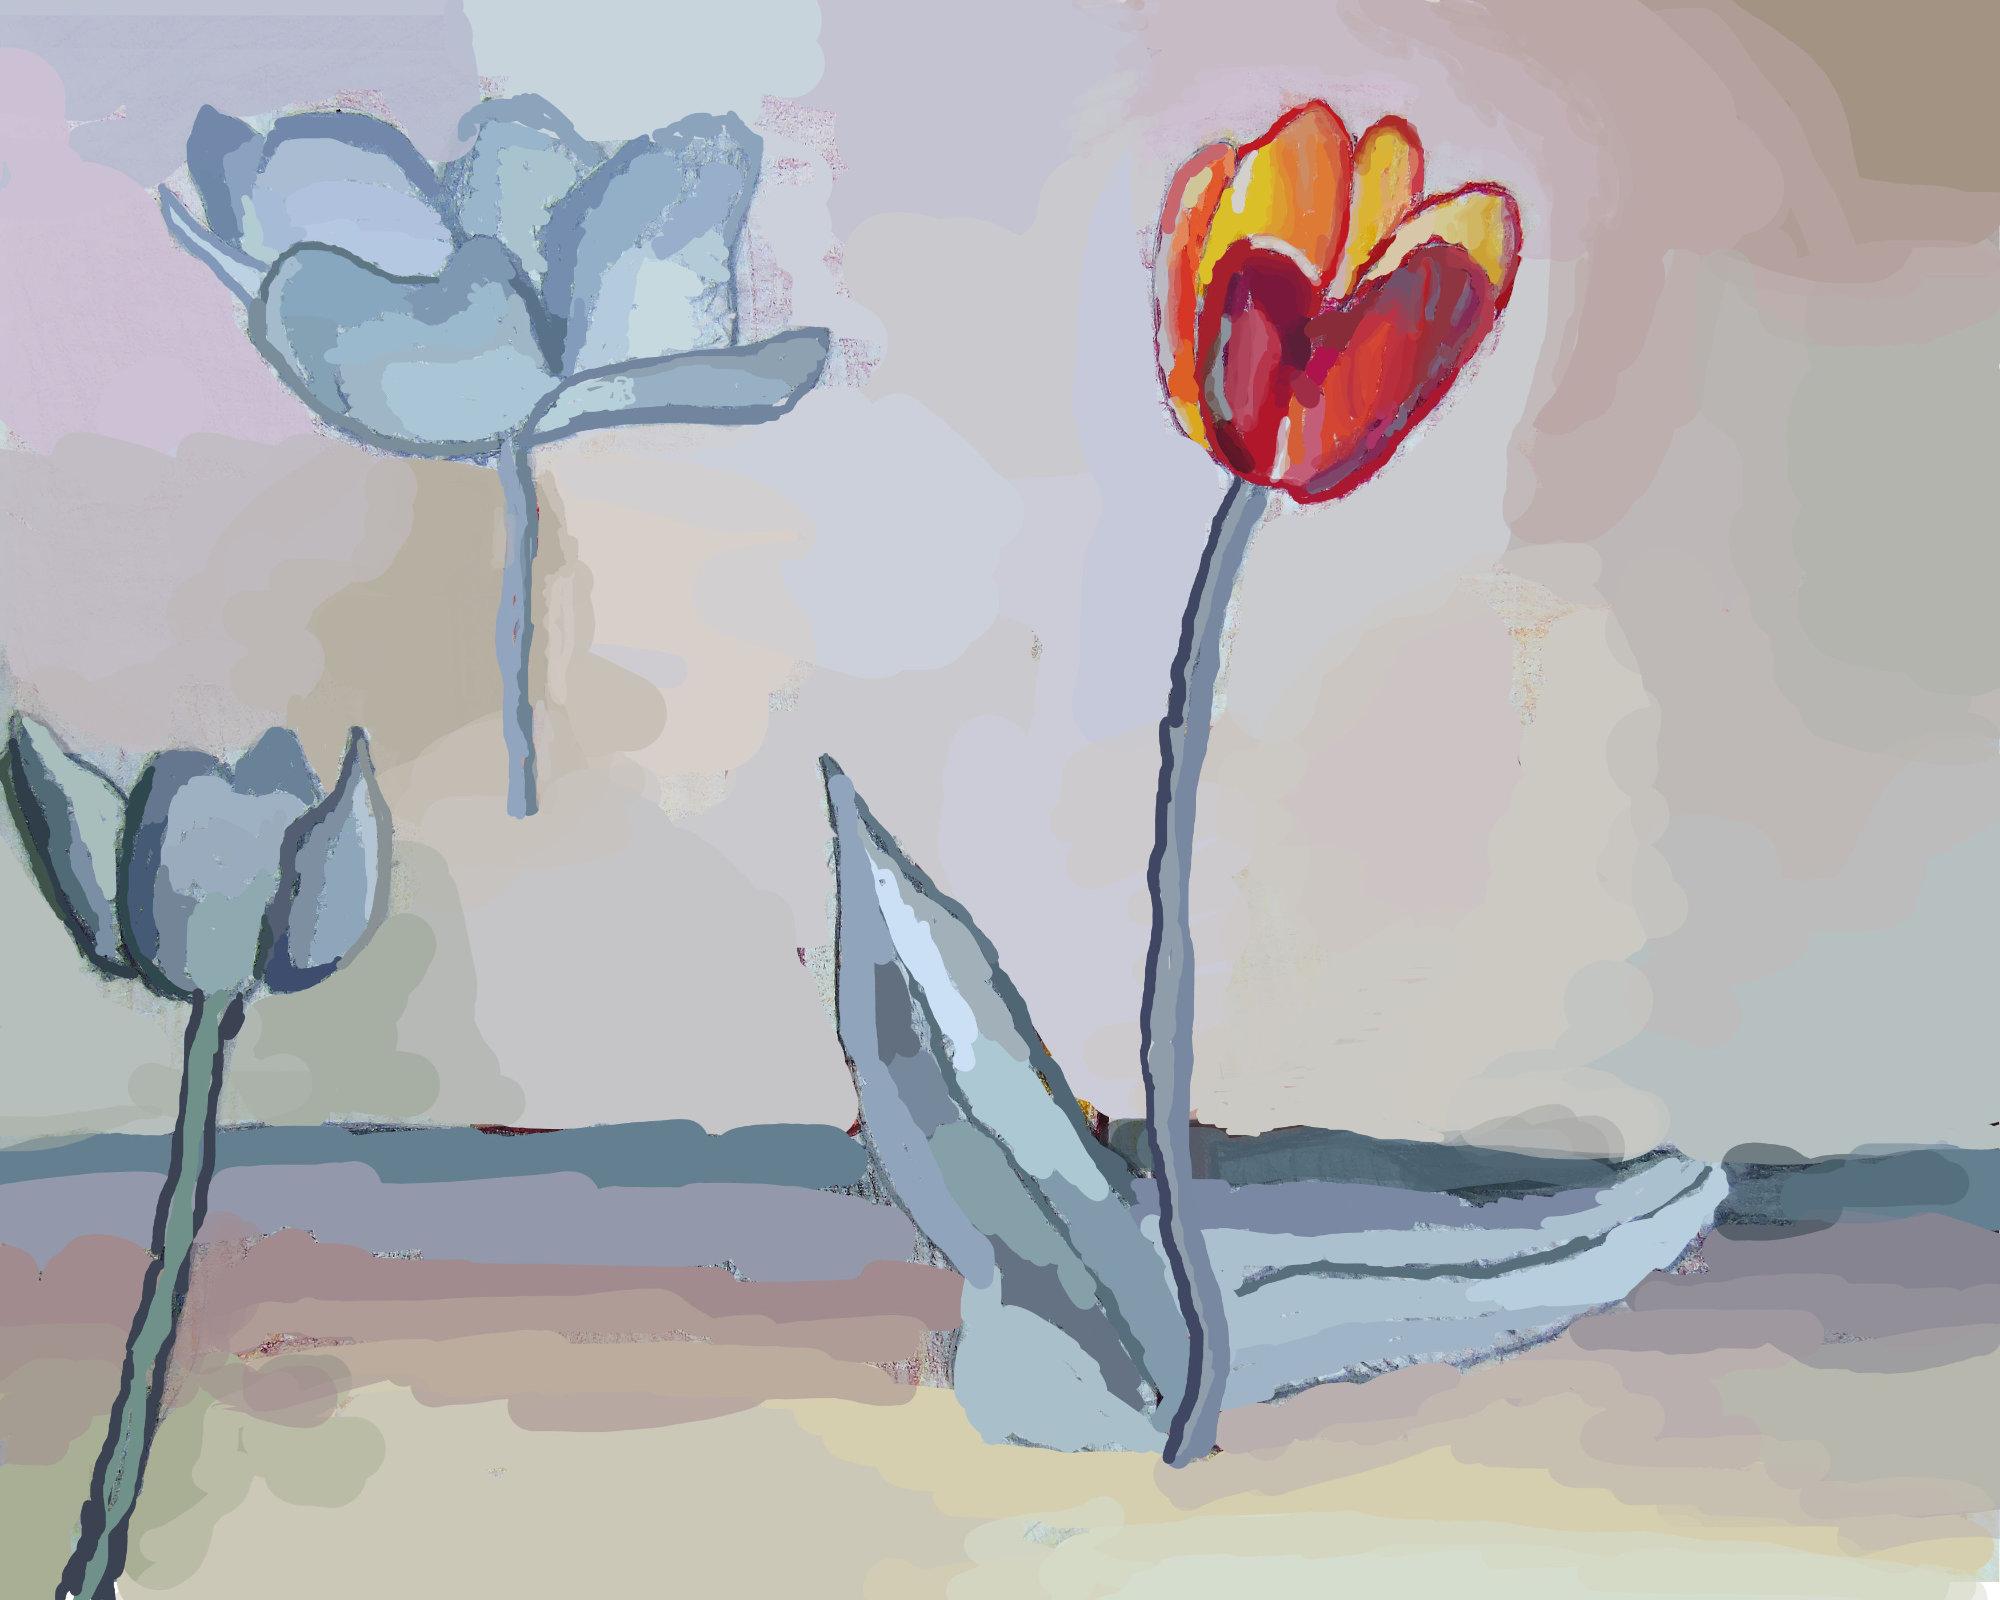 Tulipsv1_proof_ul